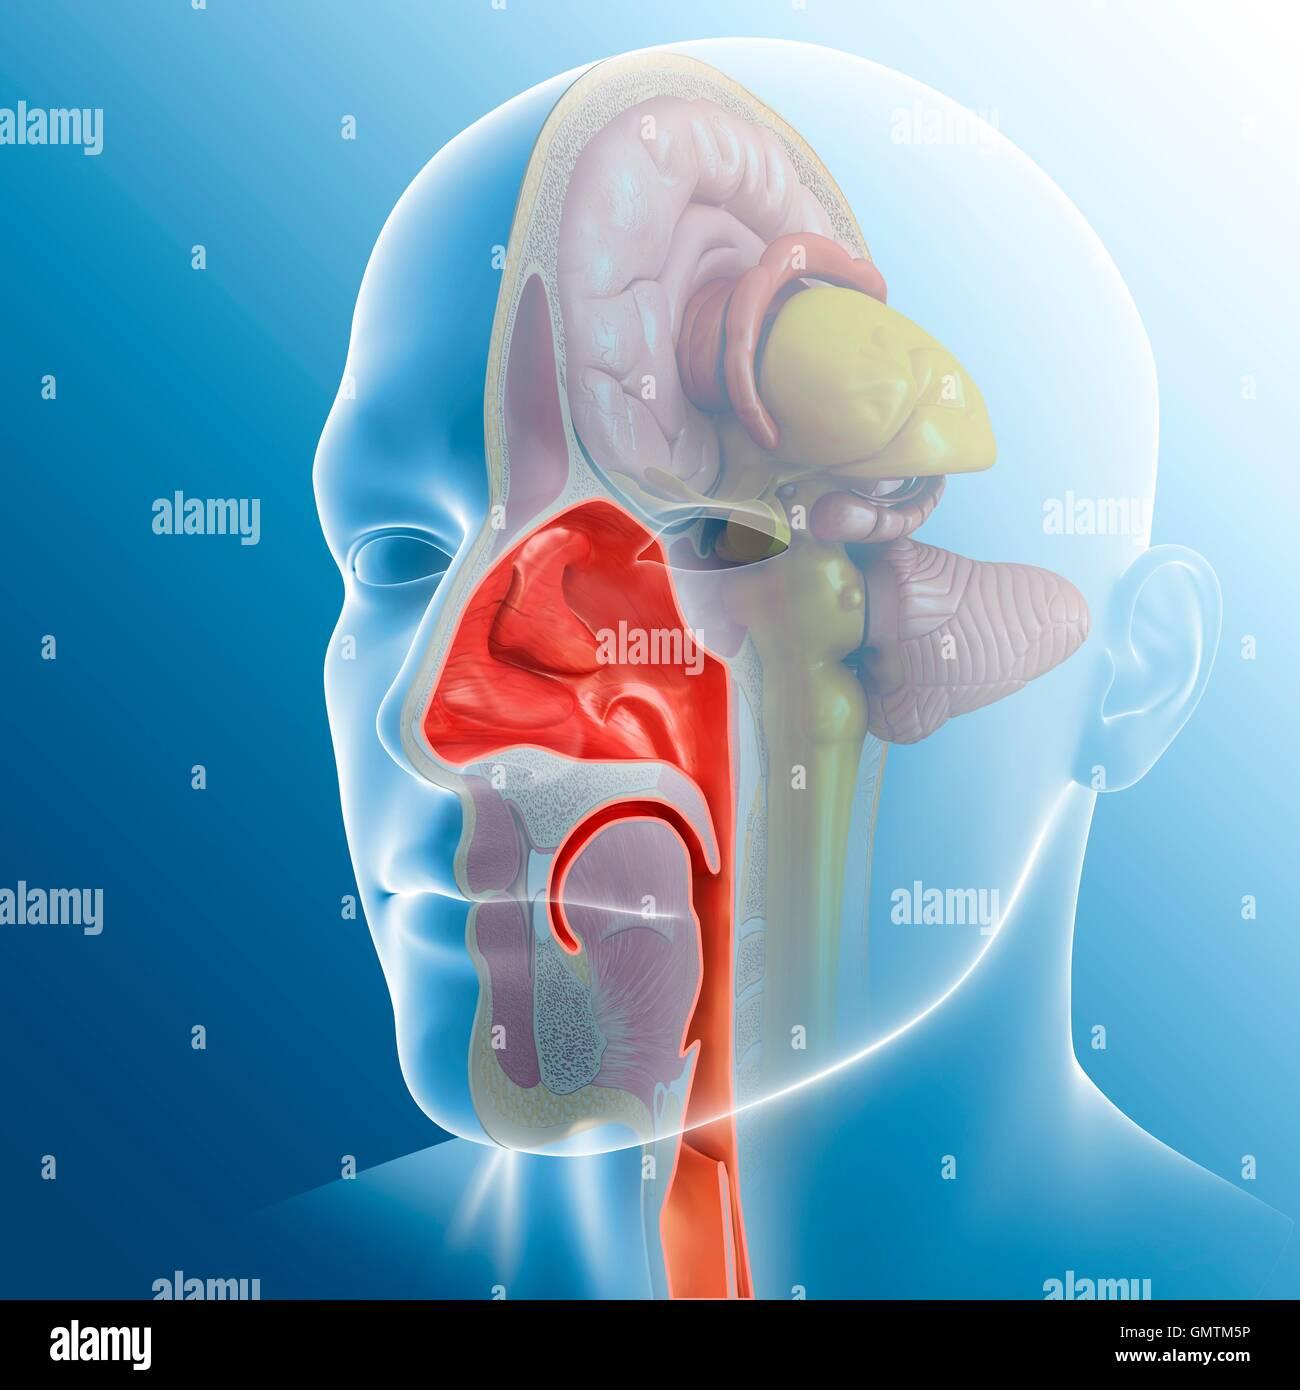 Human Nasal Cavity Stock Photos Human Nasal Cavity Stock Images